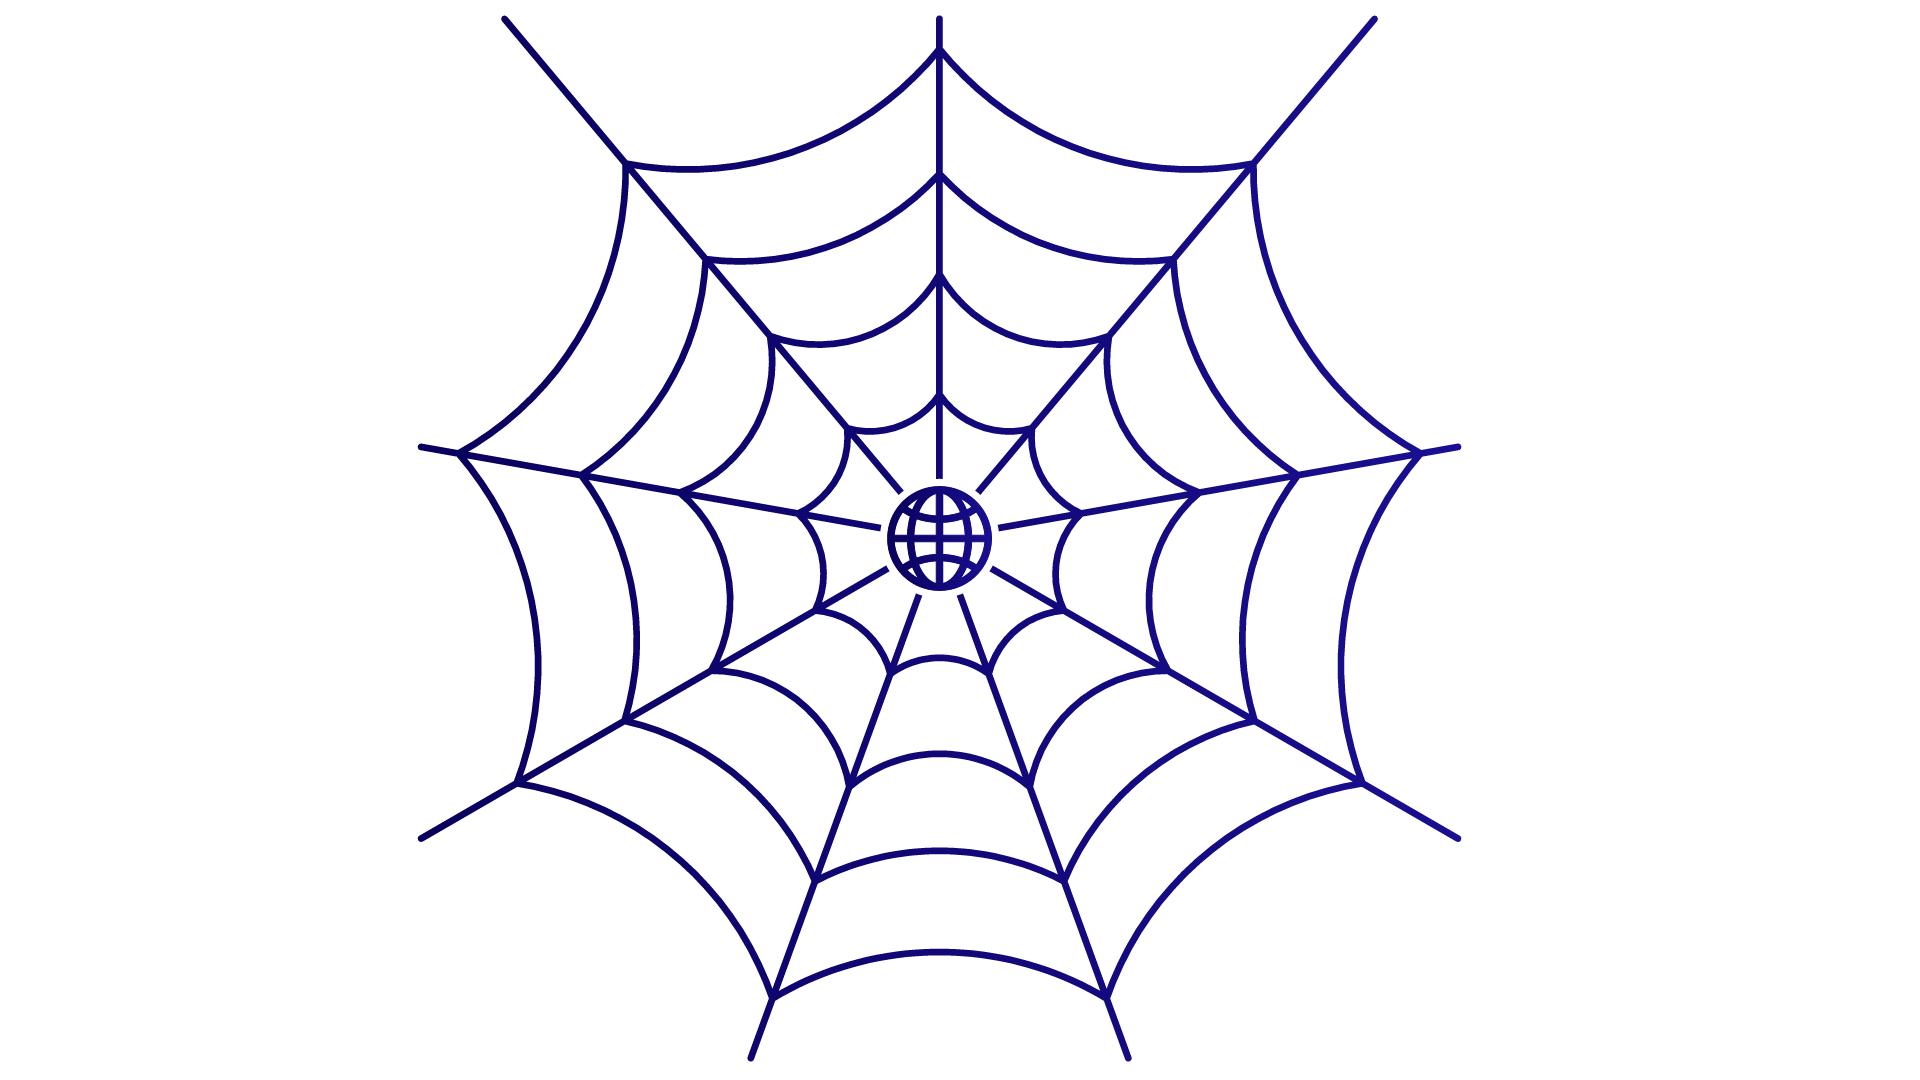 Toile d'araignée représentant le web